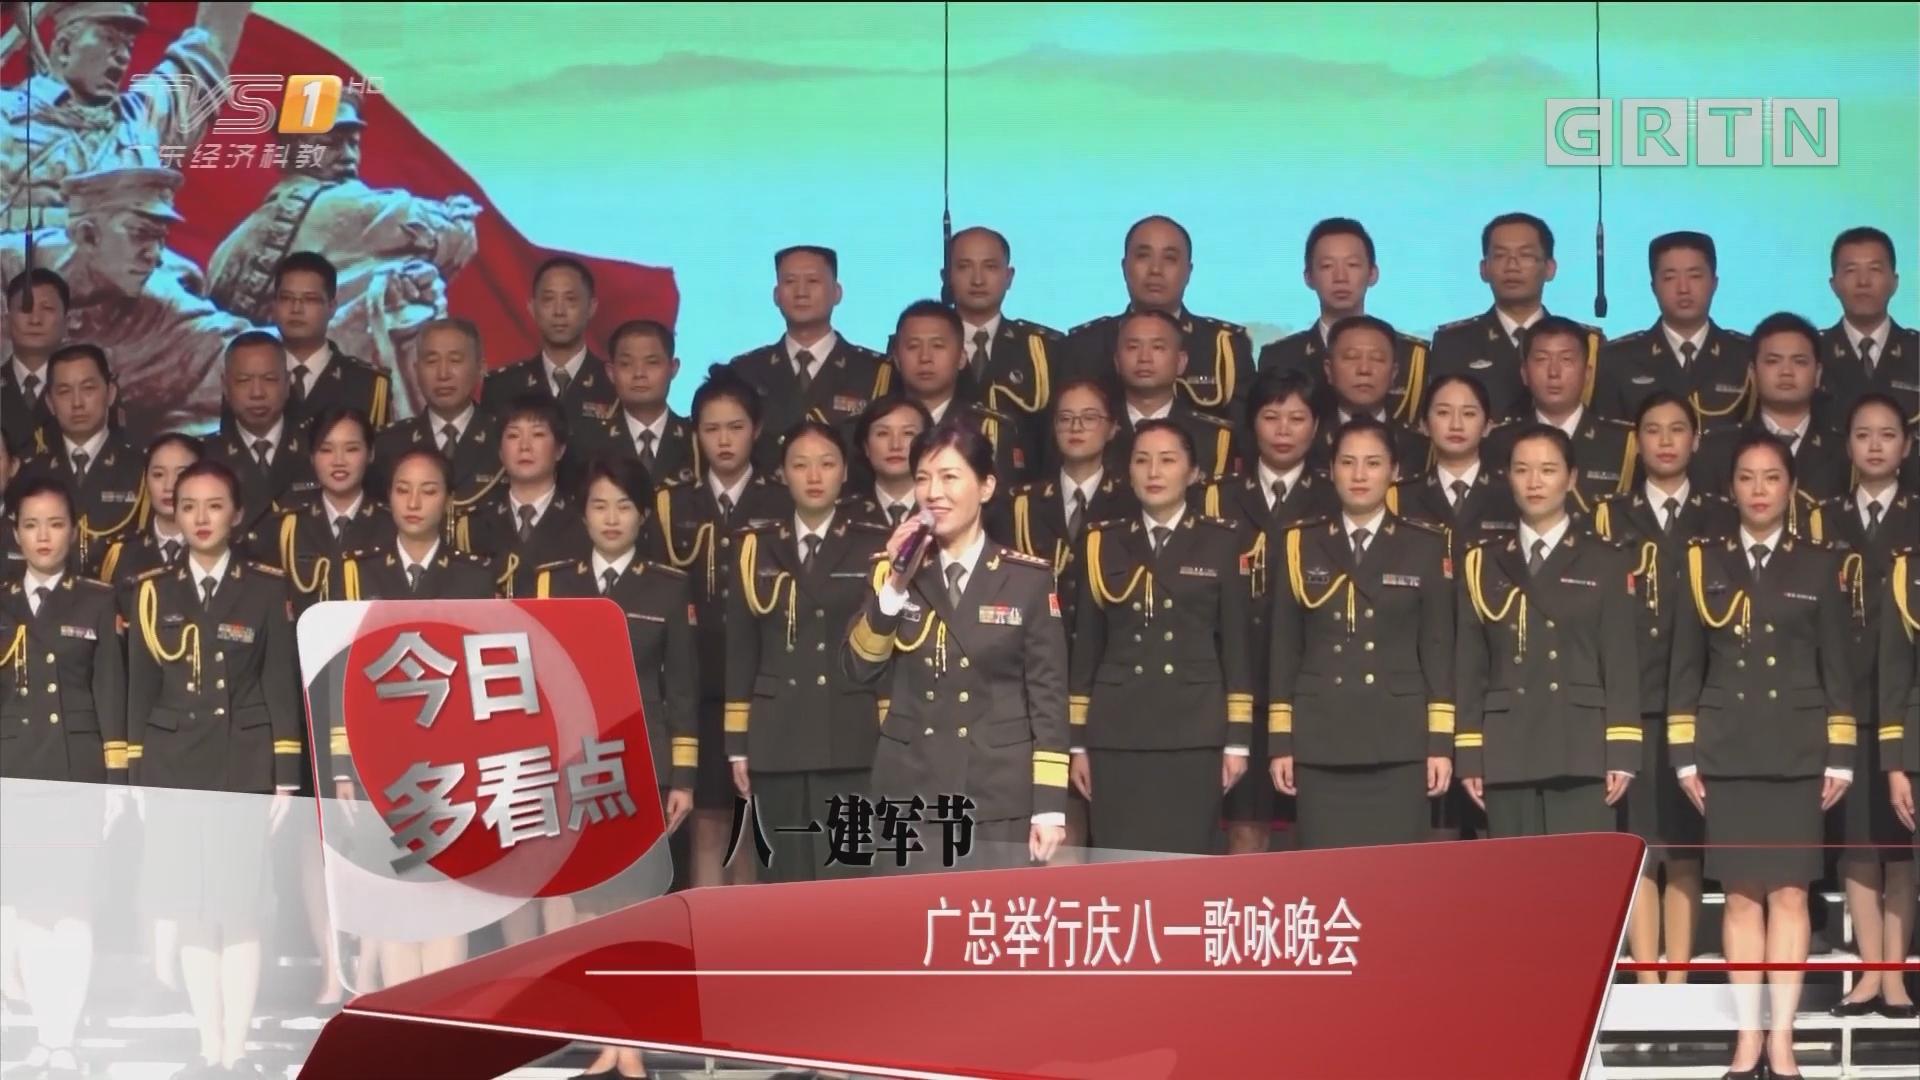 八一建军节 广总举行庆八一歌咏晚会